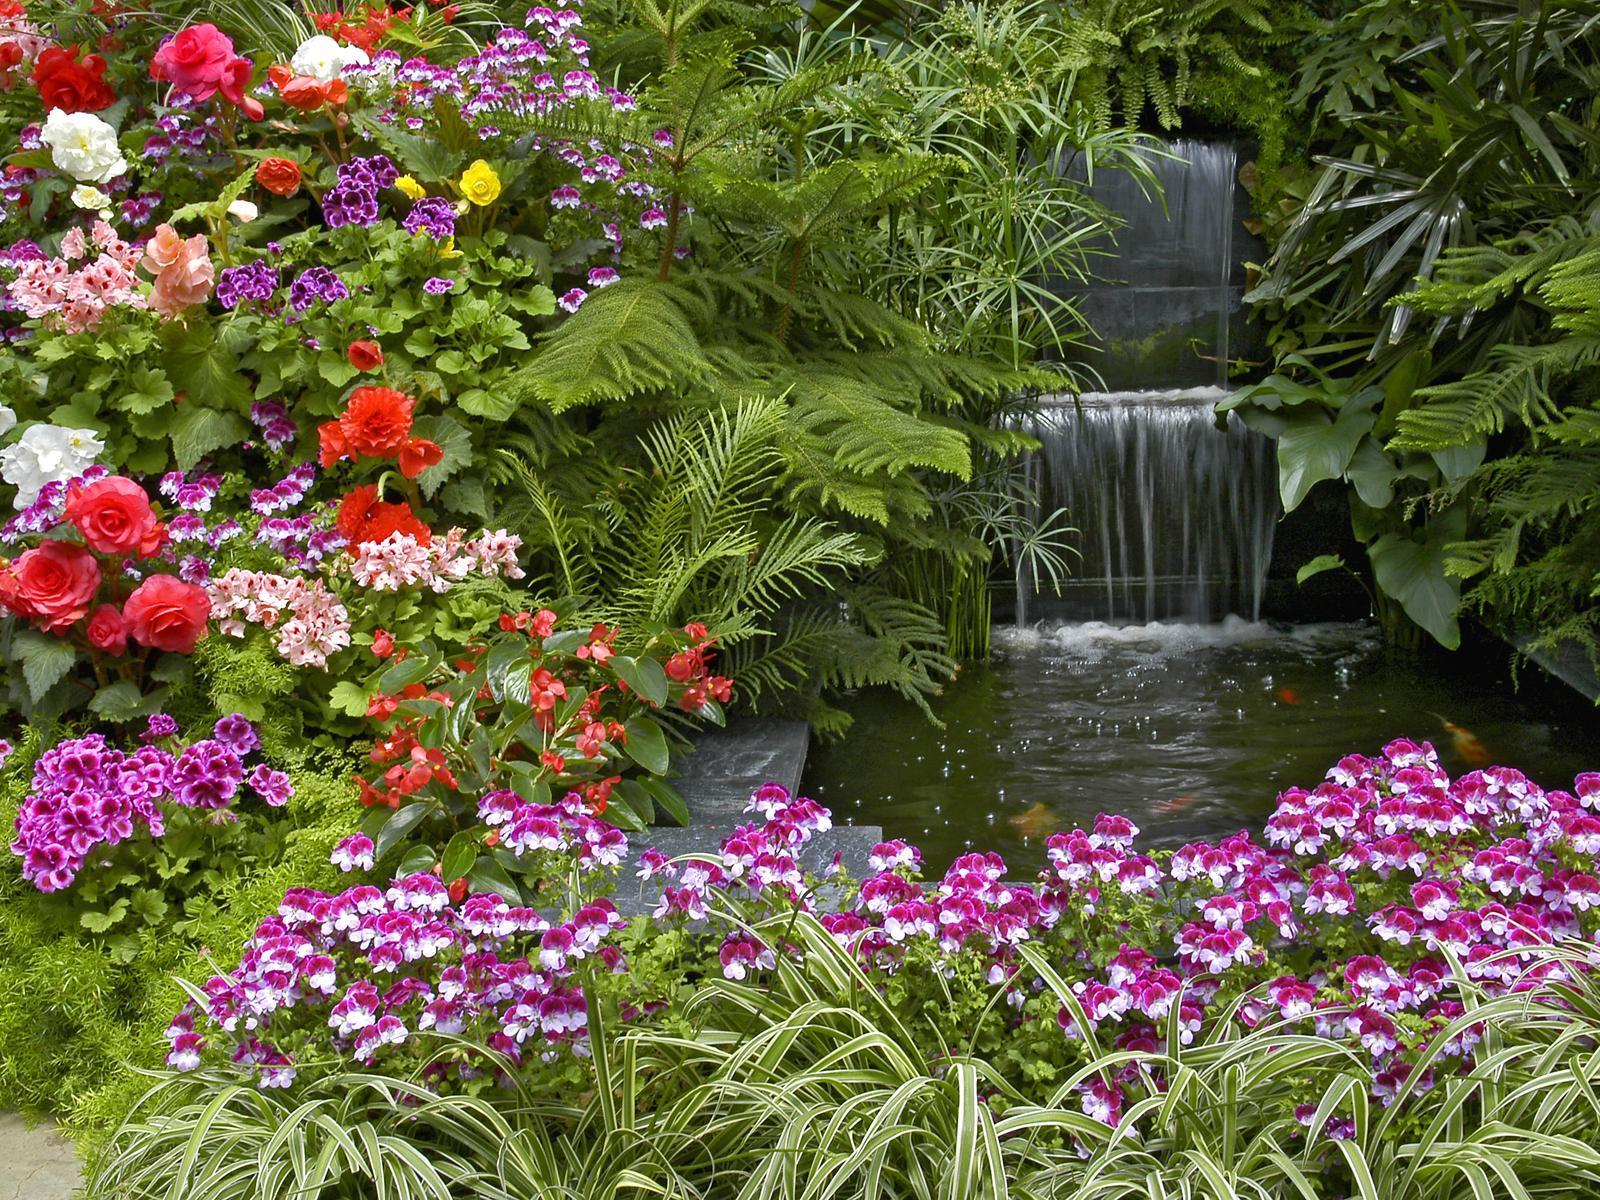 Посадите на клумбах яркие цветы, чтобы привлечь бабочек, а также подберите место для ягодных кустарников и поилок птицам.